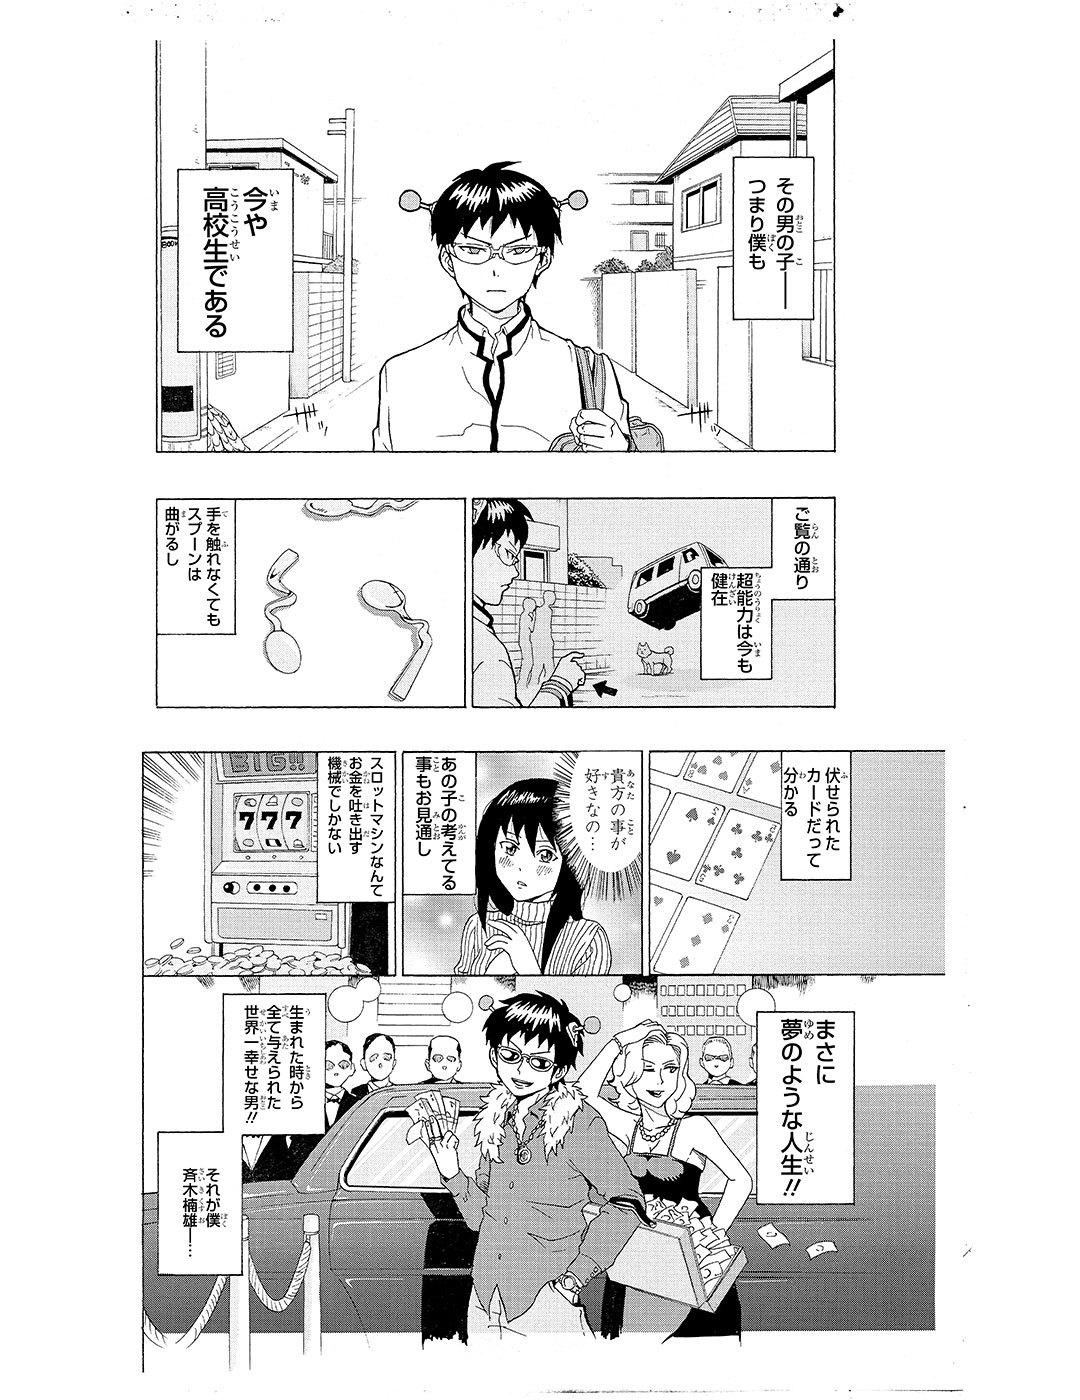 斉木楠雄のΨ難 第1話|試し読み_1_1-8